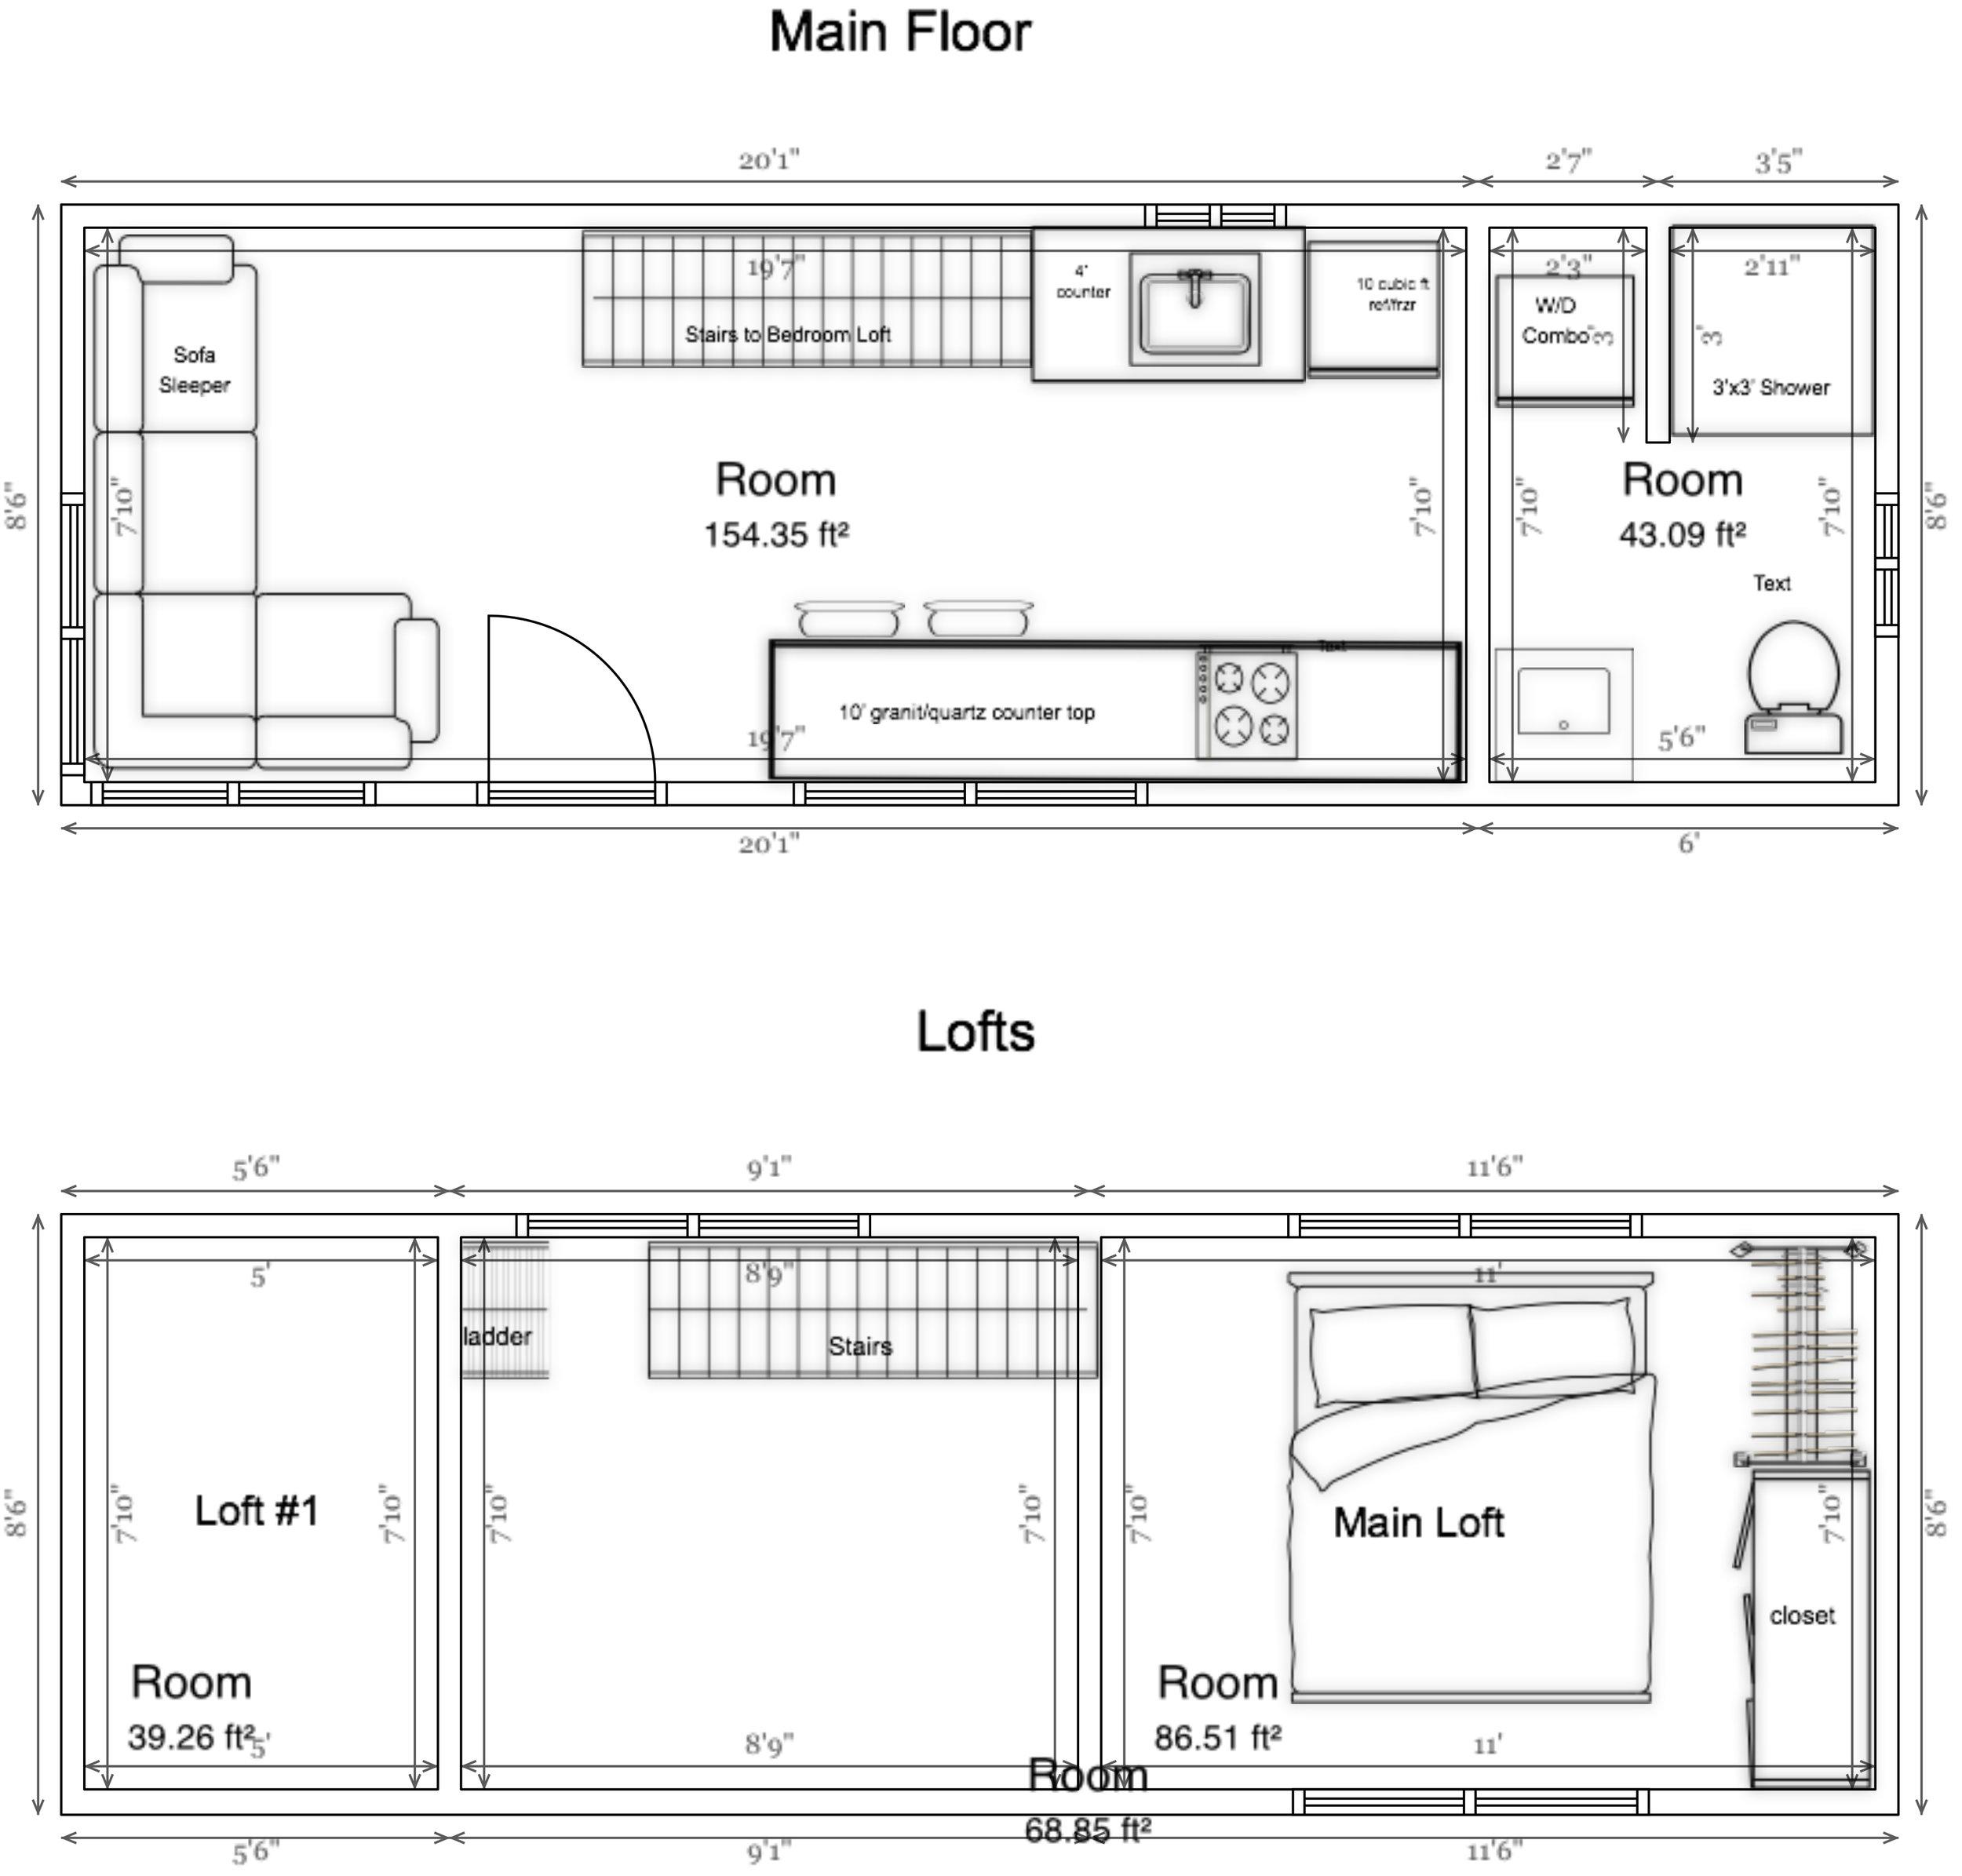 small resolution of floor plan 26 model